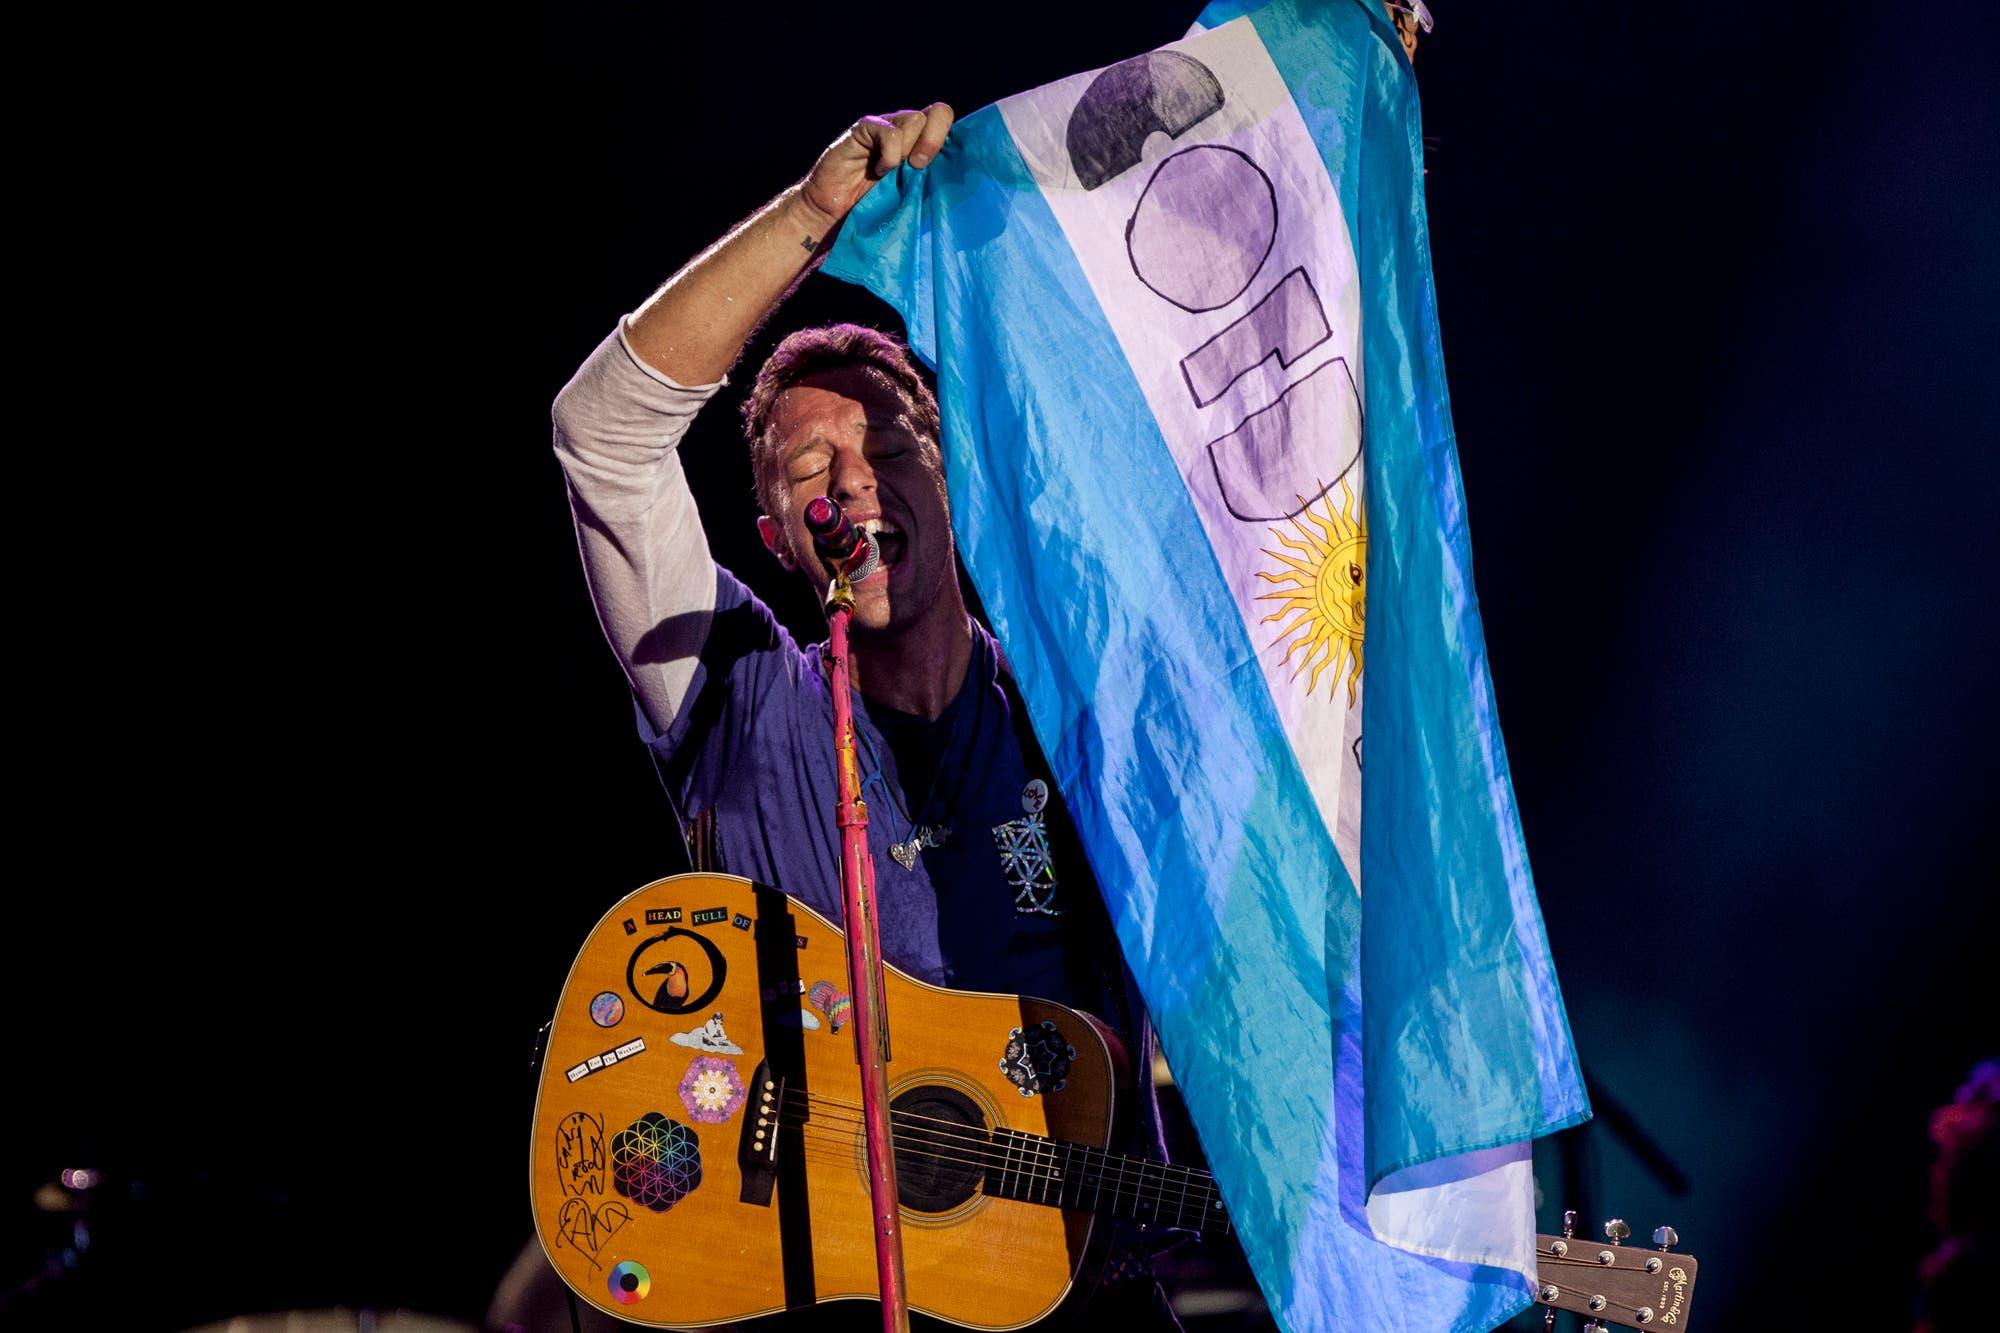 Coldplay lanza Live in Buenos Aires, un registro de su show en el Estadio Único de La Plata